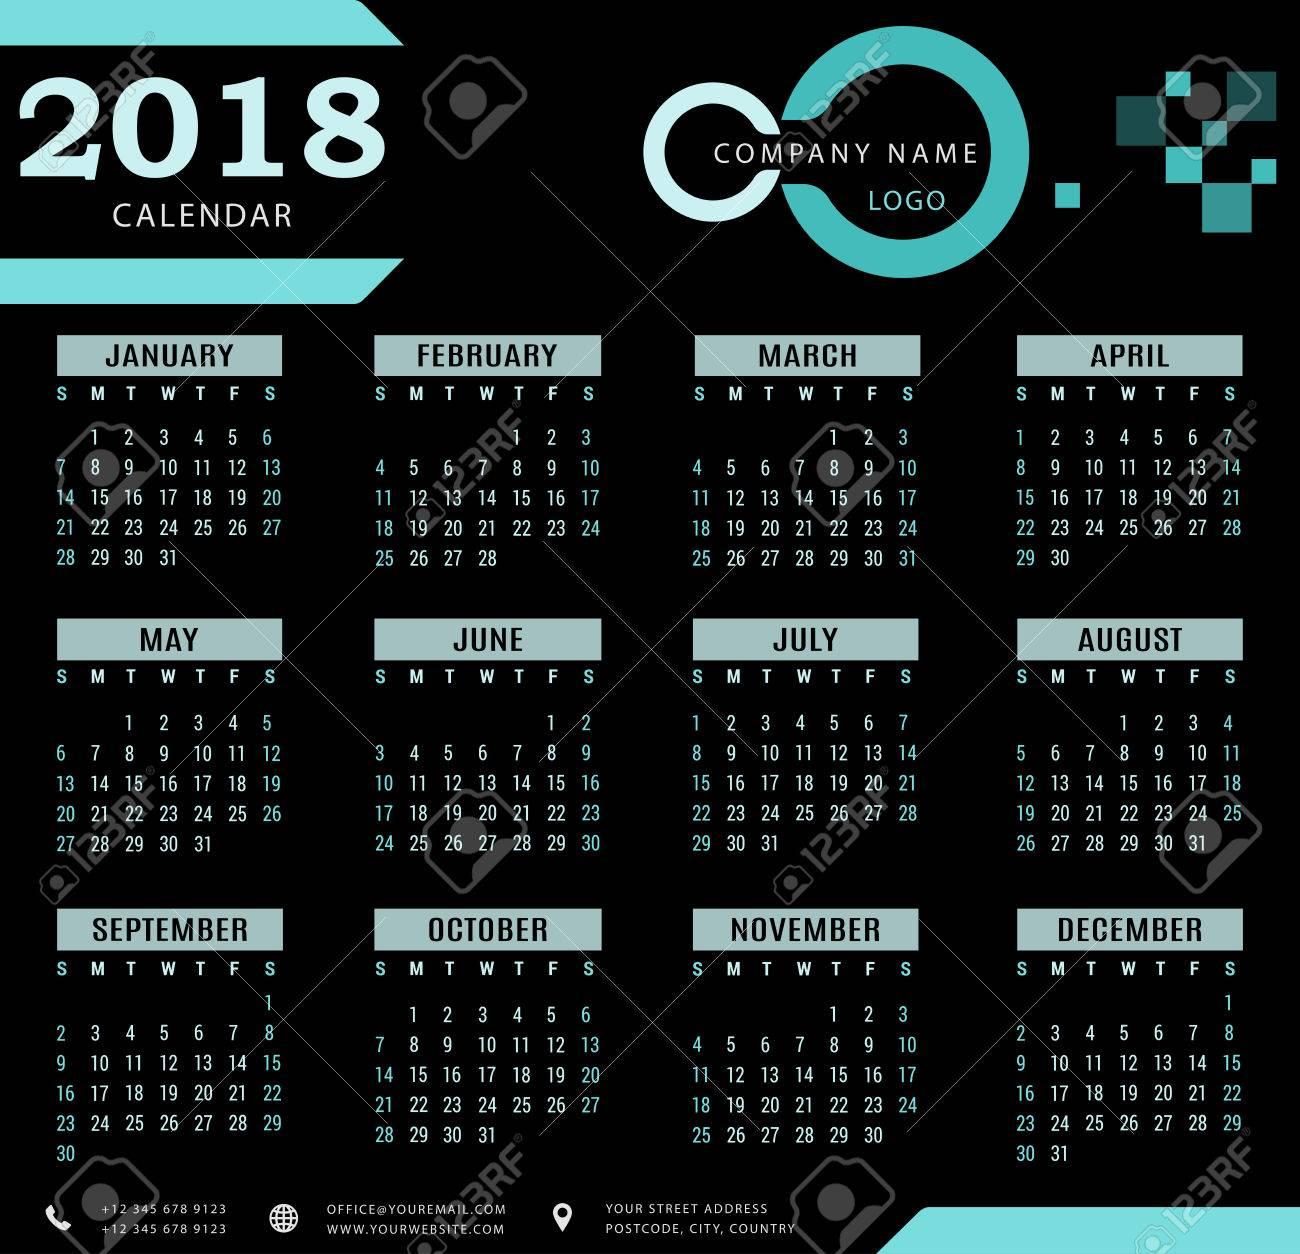 2018 tax organizer template